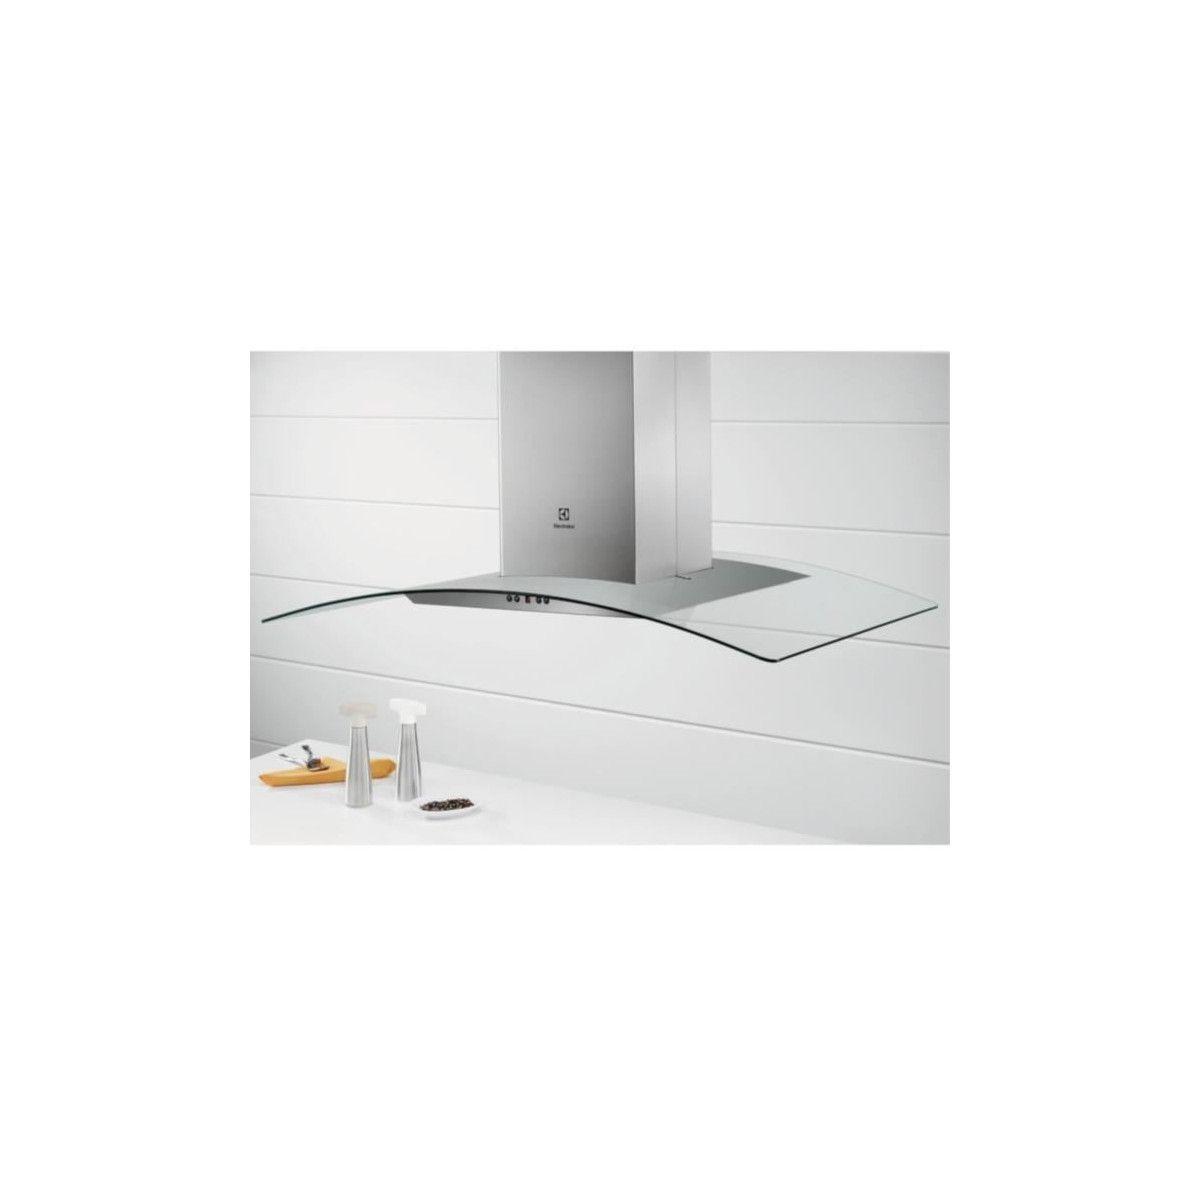 Efl10965ox Hotte Decorative Ilots 713m3 H 67 Db 3 Vitesses 1 Intensive L 80cm Inox Hotte Aspirante Hotte Decorative Ilot Et Hotte Electrolux